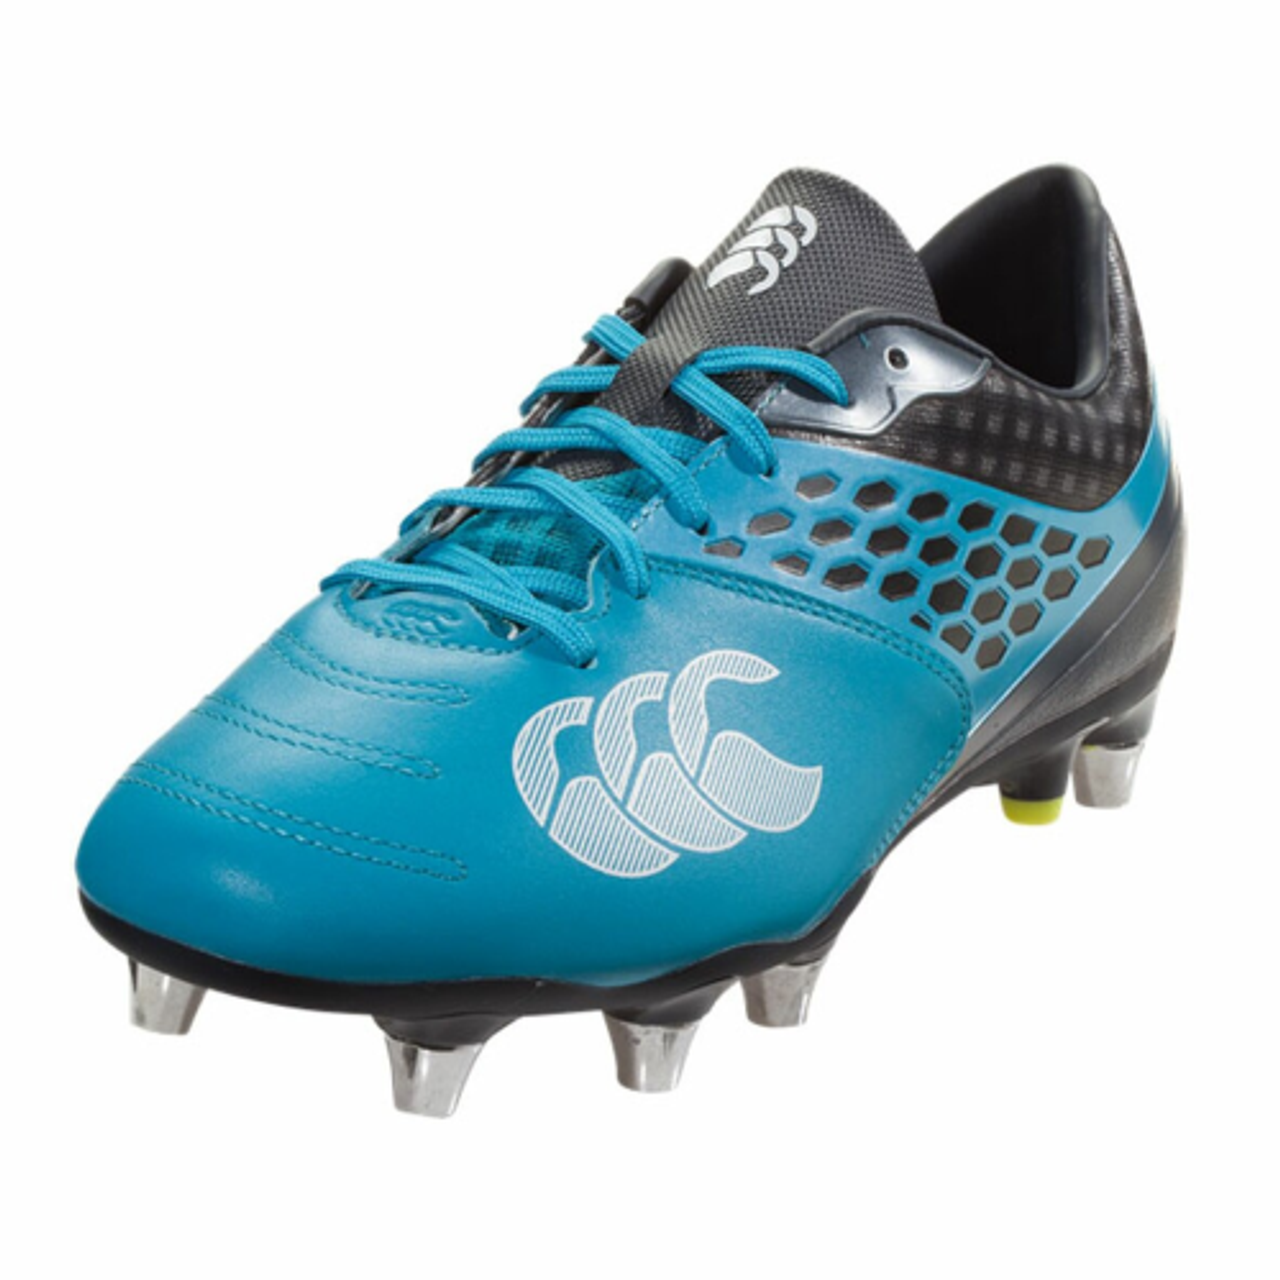 CCC Phoenix 2.0 Elite SG Boots